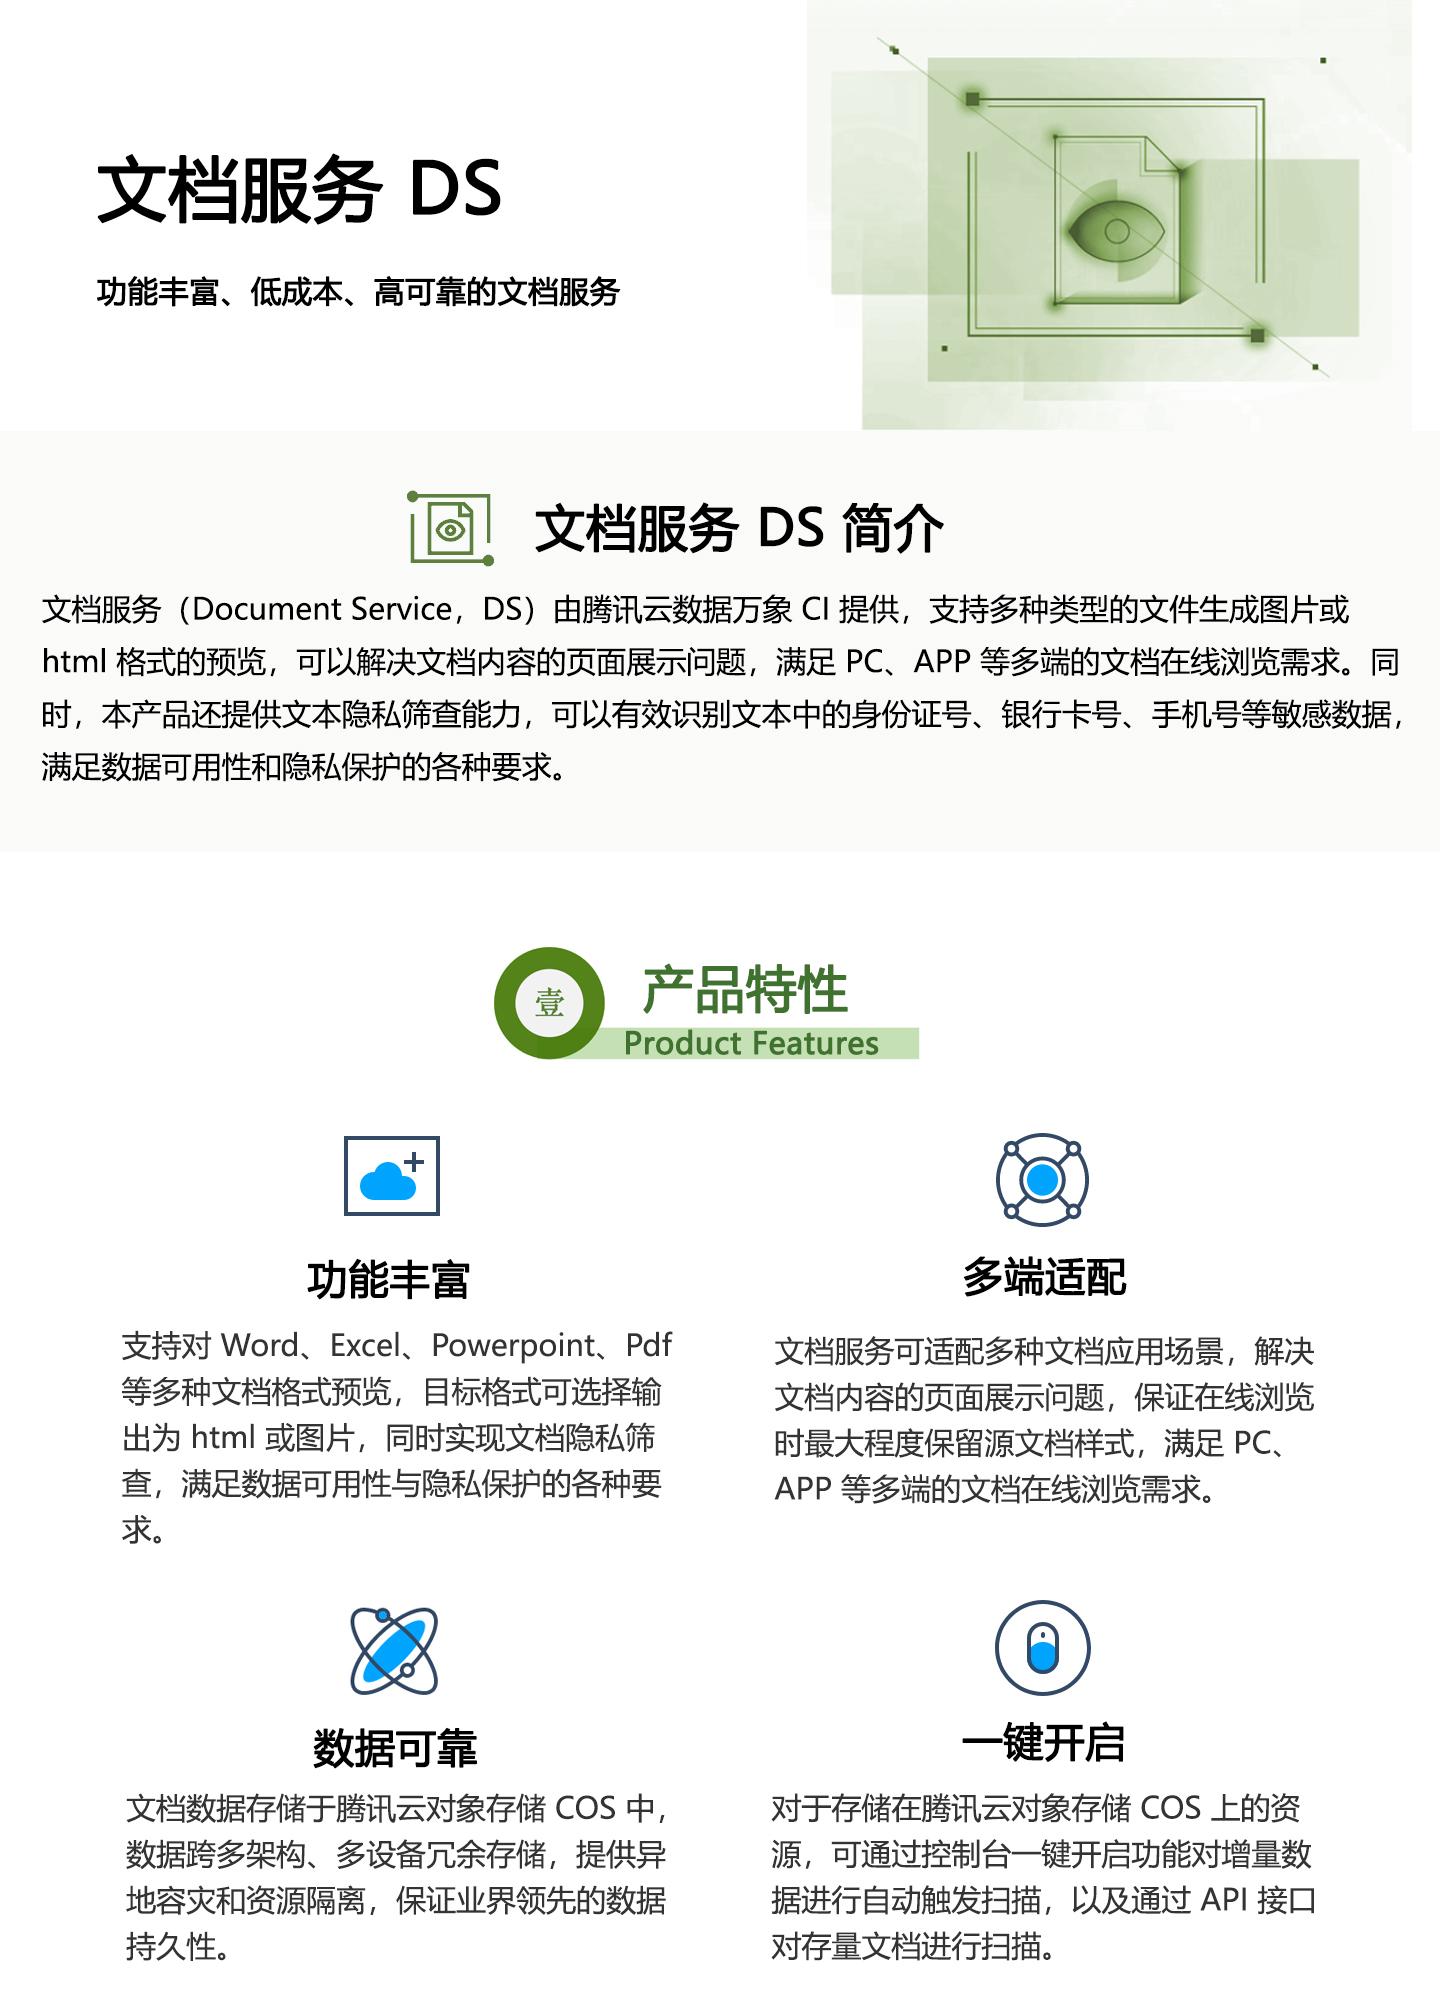 文档服务-DS1440_01.jpg